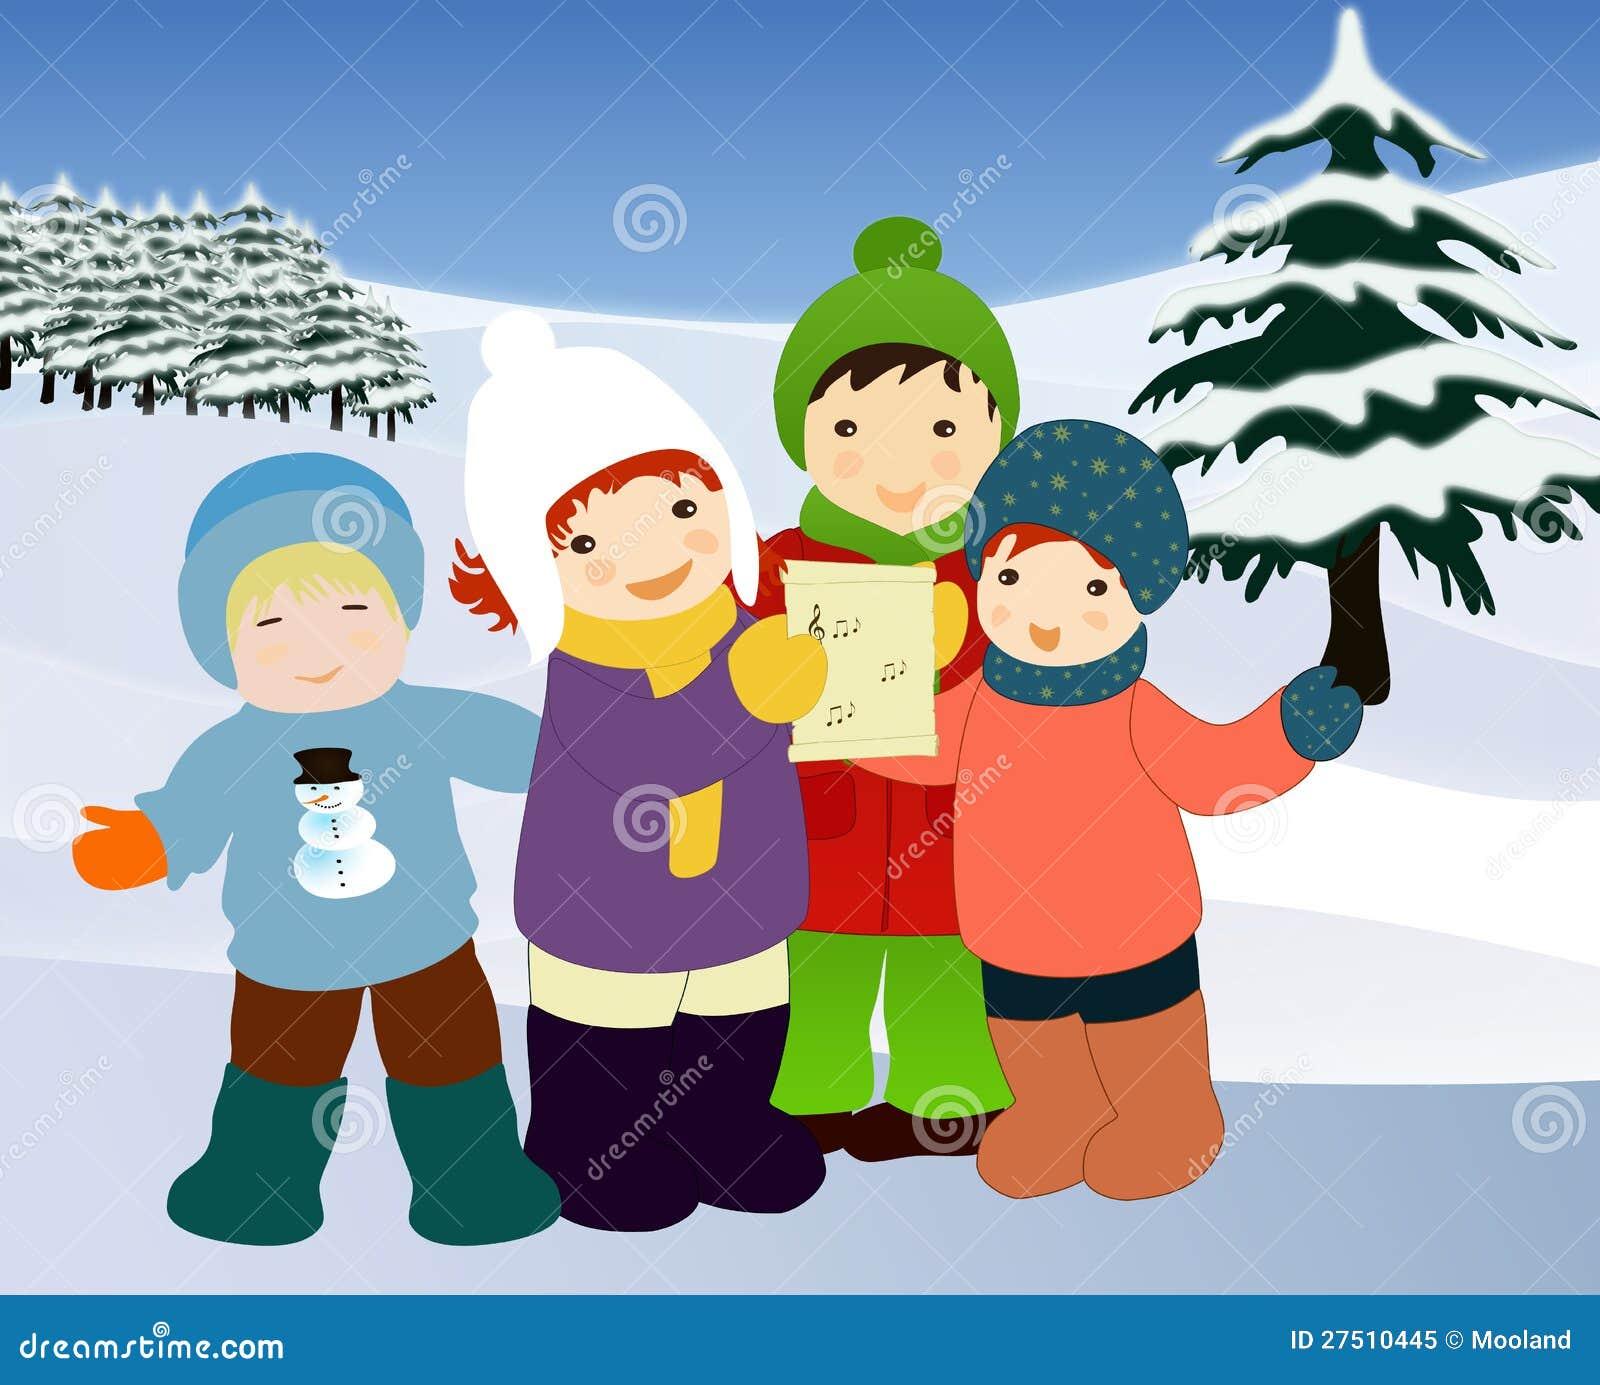 Kinder, die Liede singen. Weihnachtsabbildung.